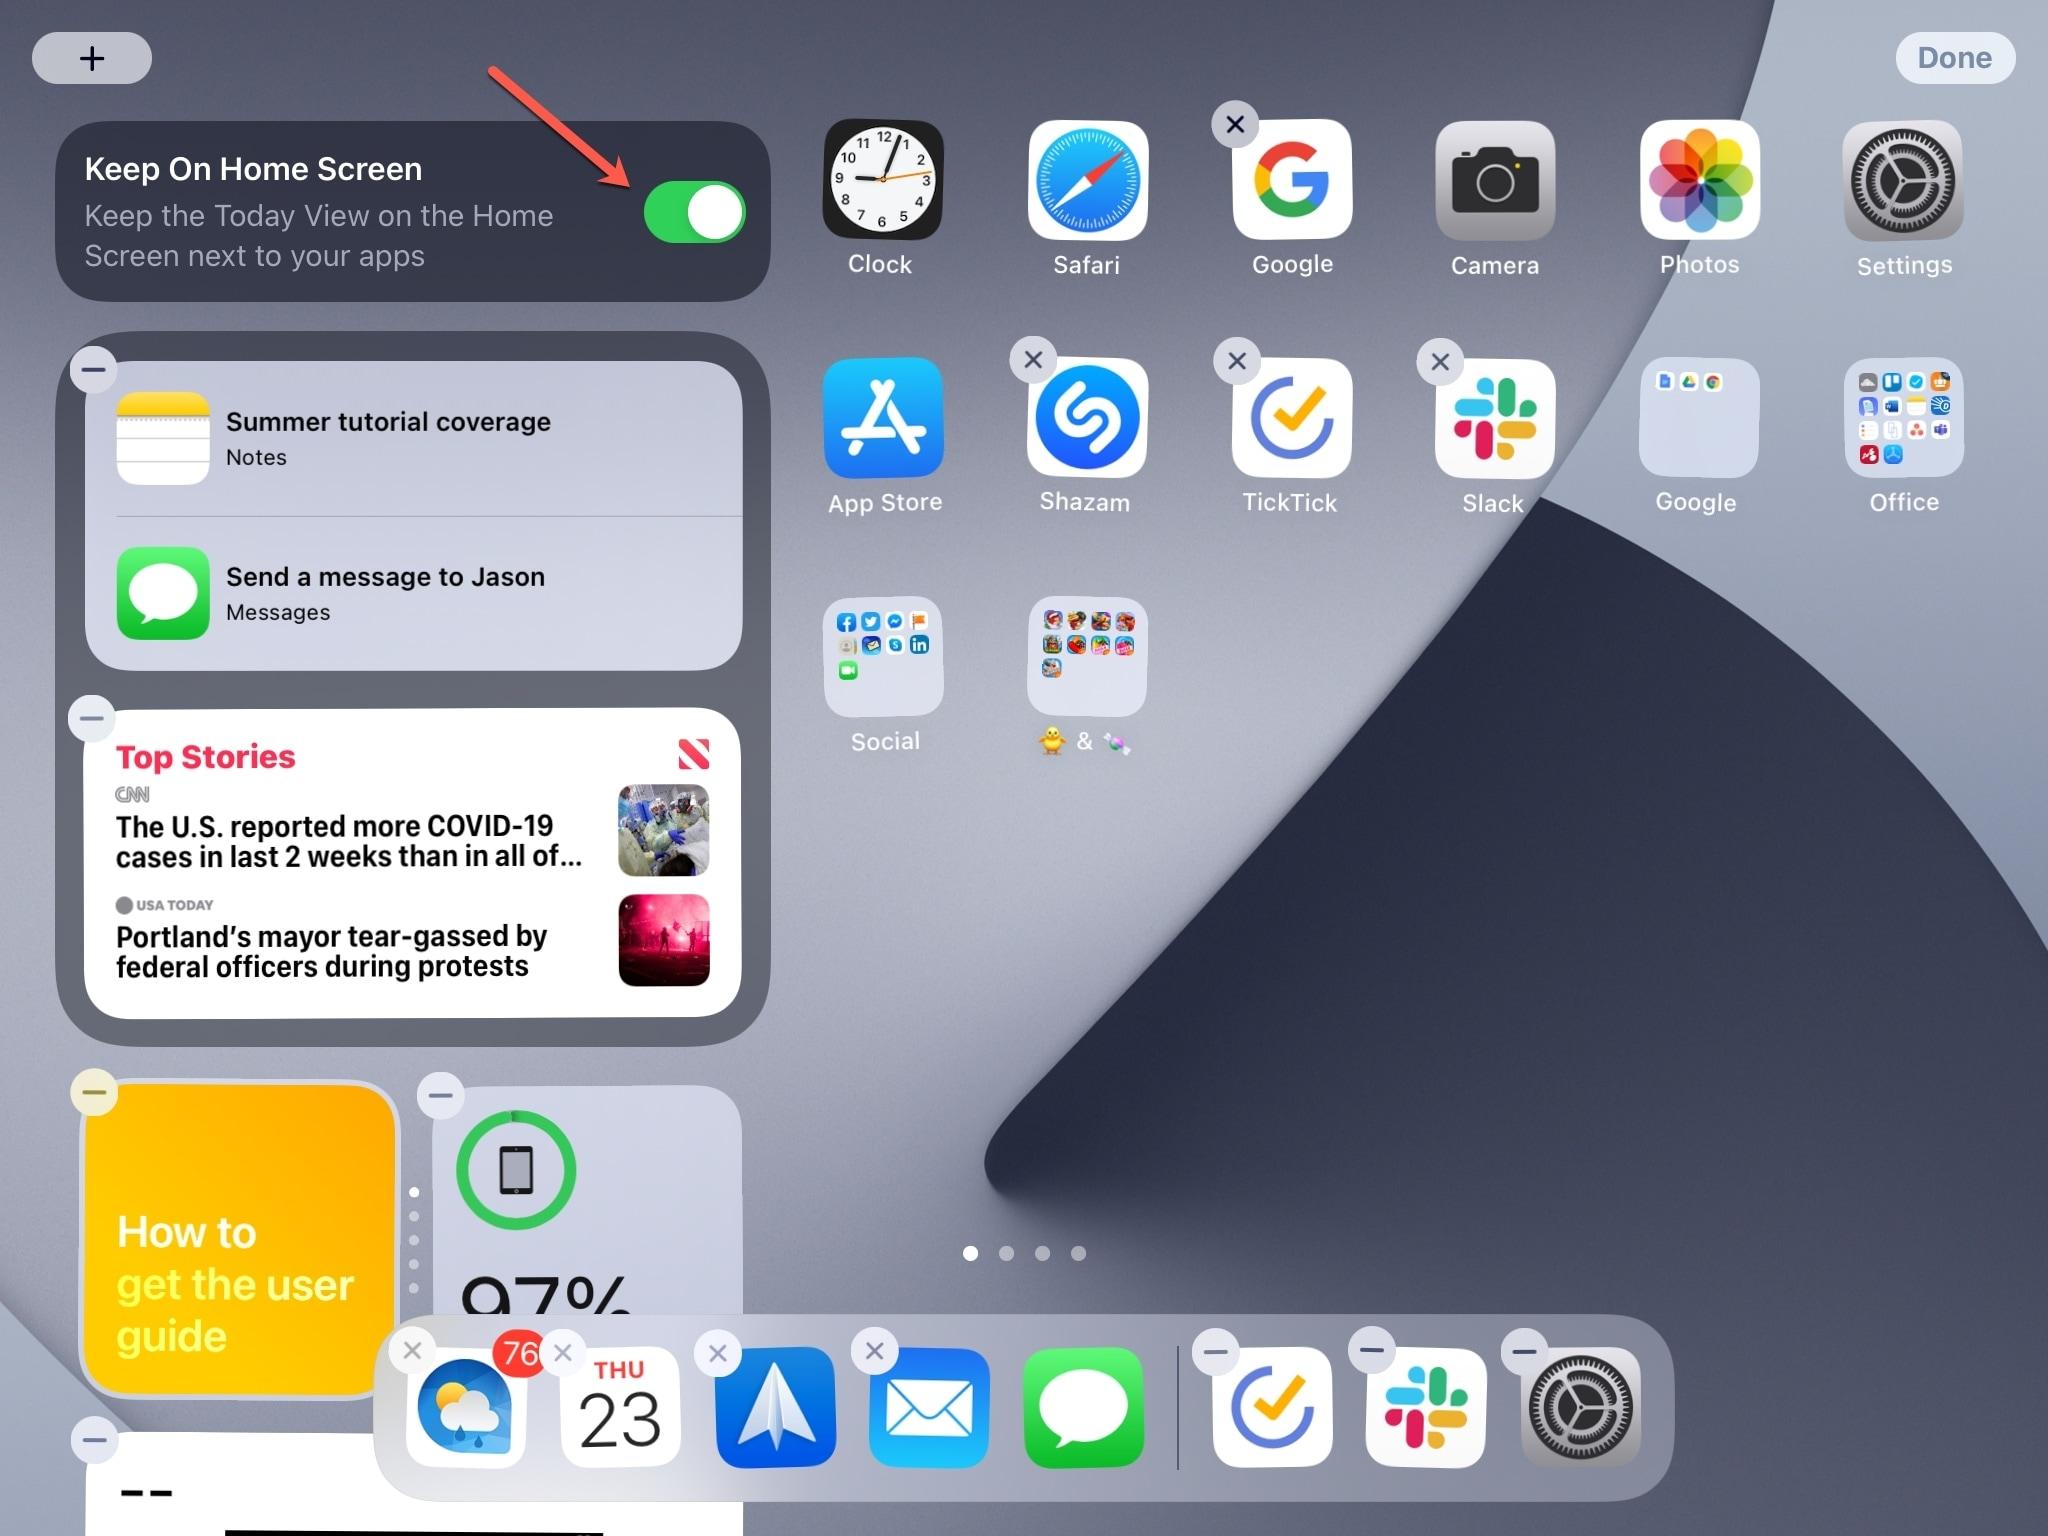 Mantenha na tela inicial do Hoje para ver o iPad